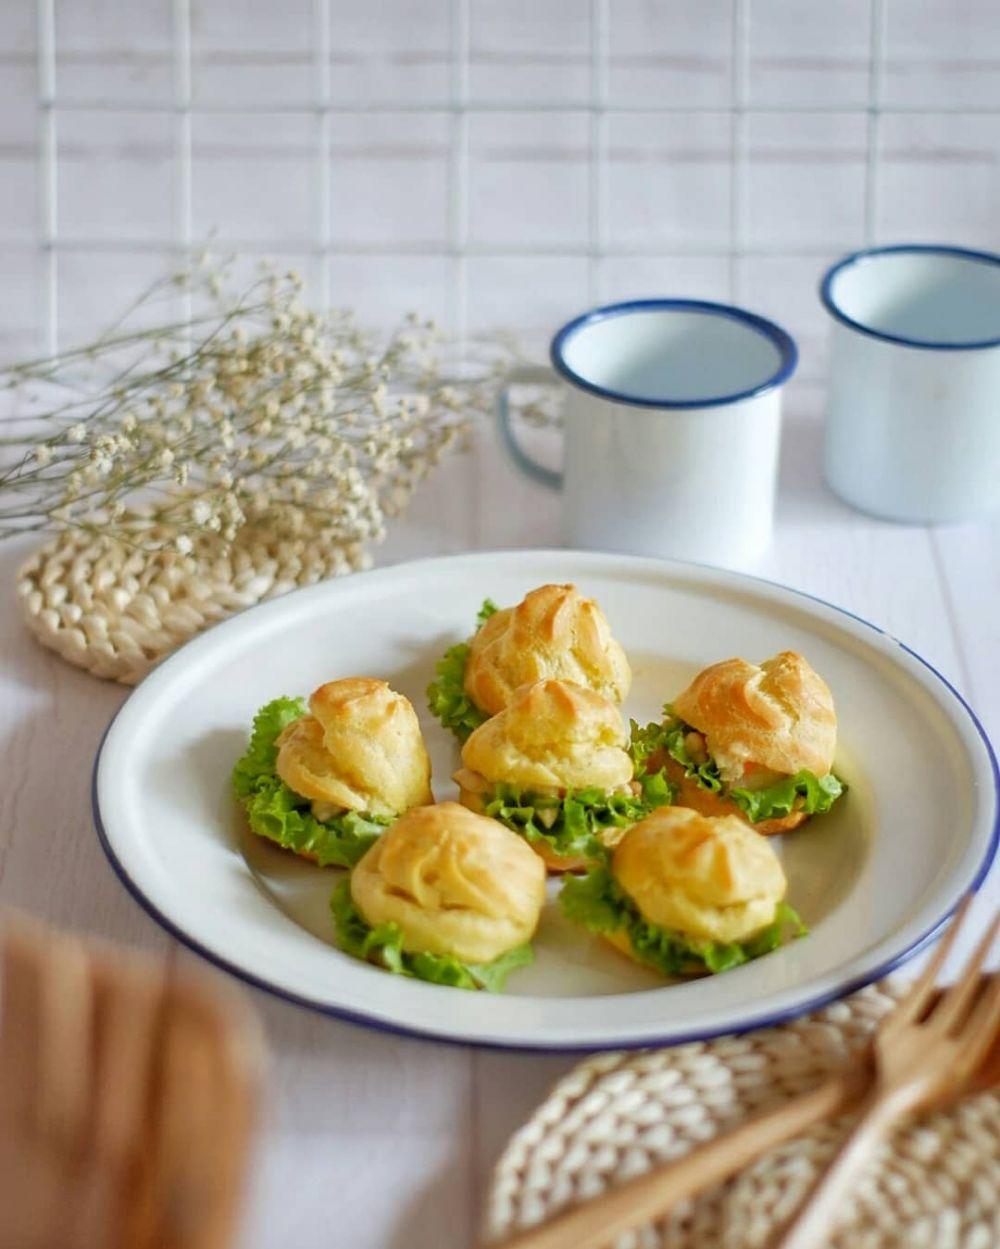 12 Resep camilan dari sayuran cookpad.com Instagram/@pure_natutal